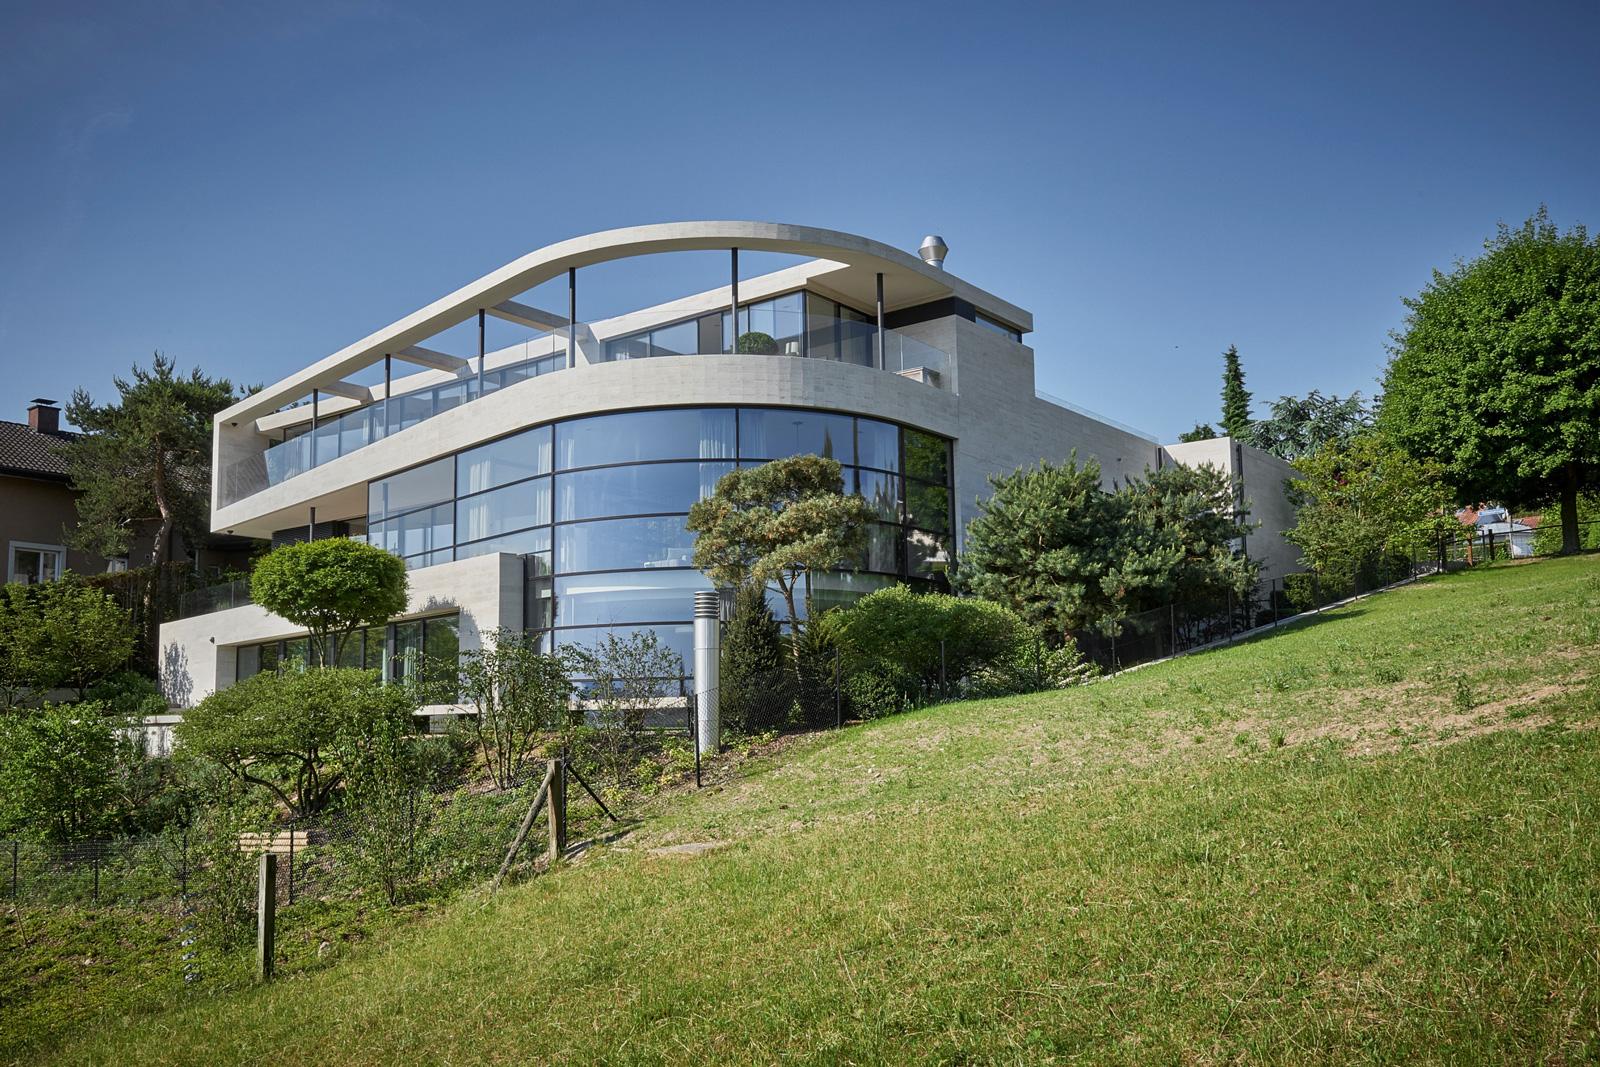 Aussenansicht des Einfamilienhauses Parkside - realisiert von R&G Metallbau